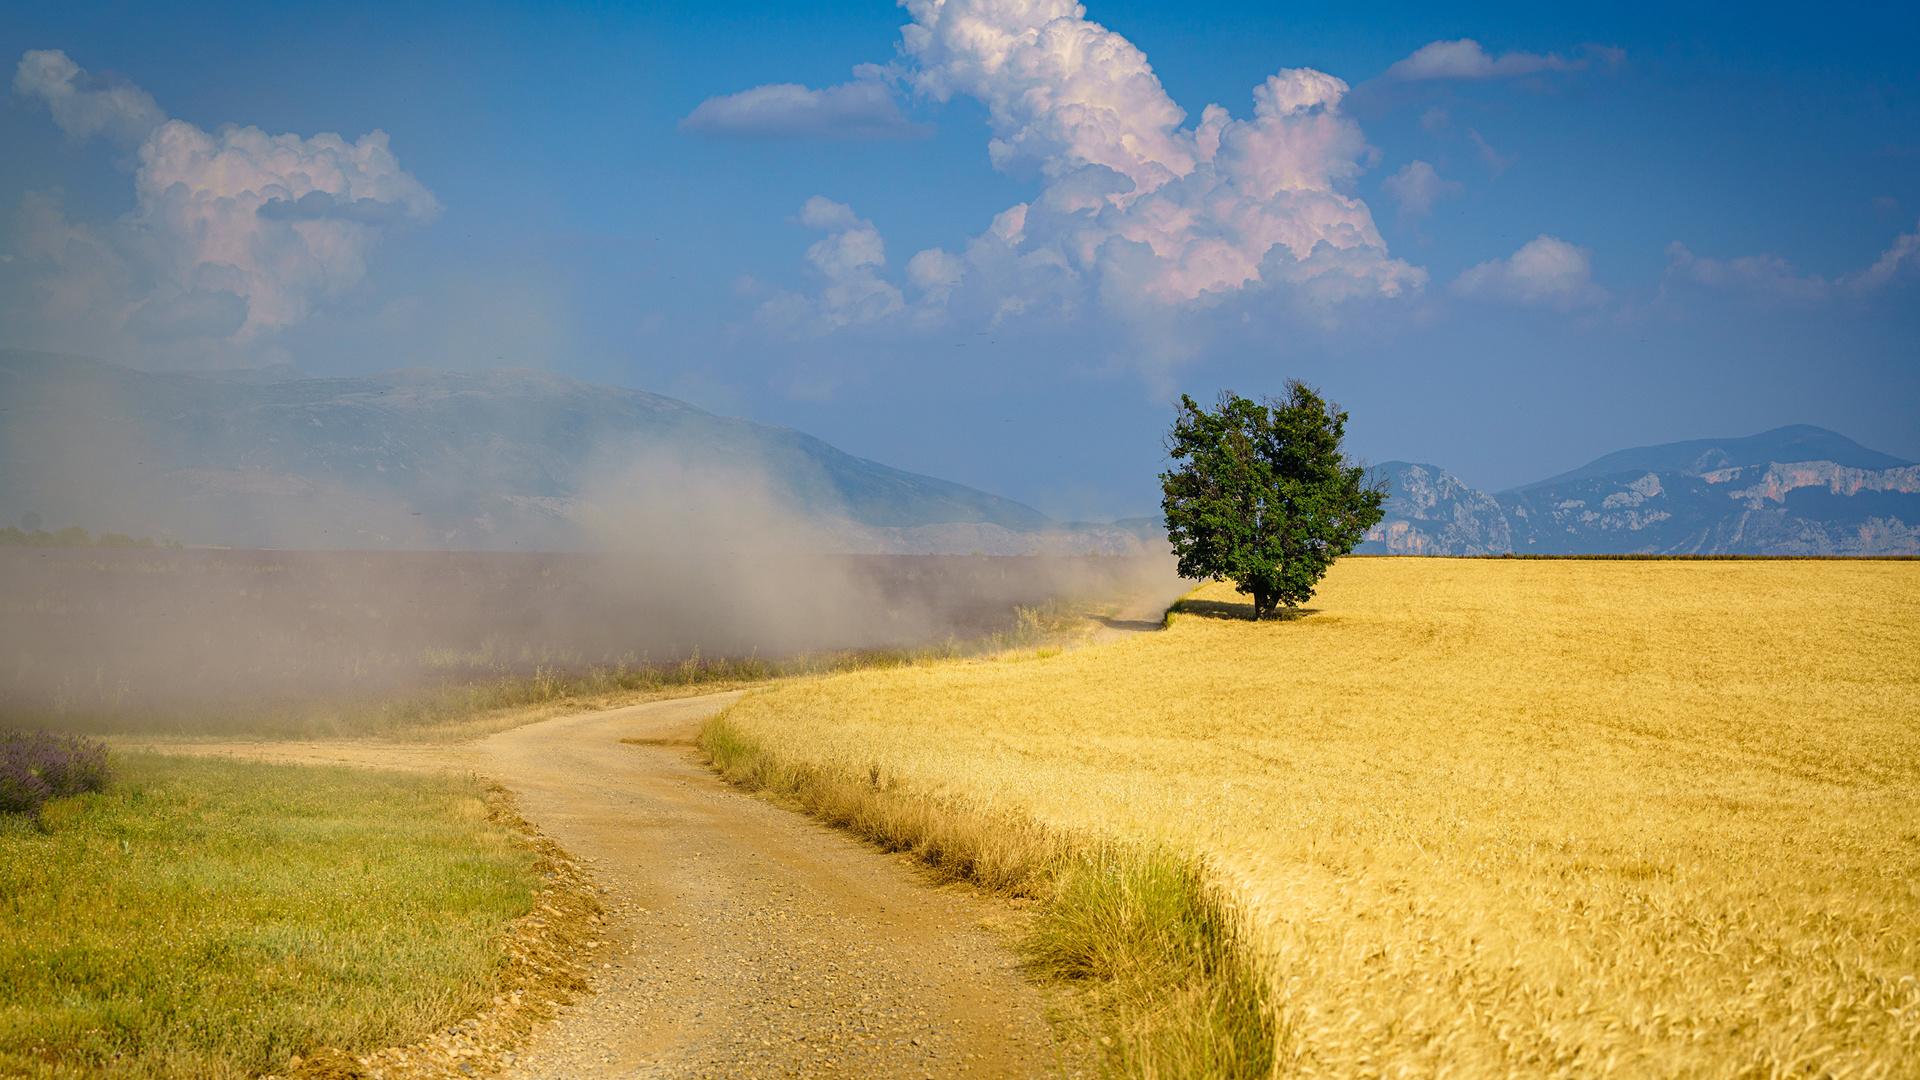 франция, прованс, поле, пыль